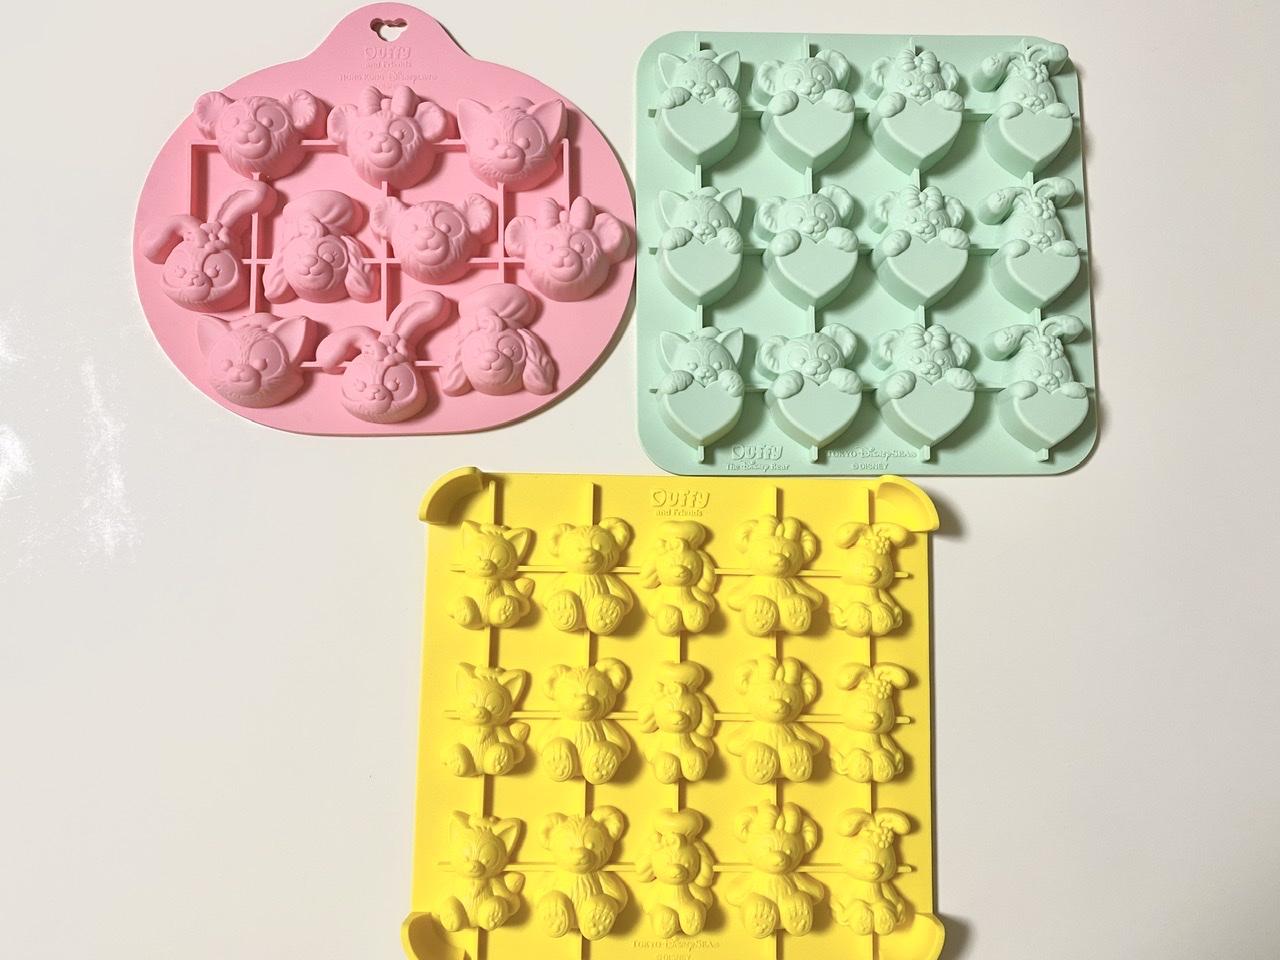 バレンタインに手作りチョコ♡ディズニーシーで購入したシリコンモールドが可愛すぎる!_1